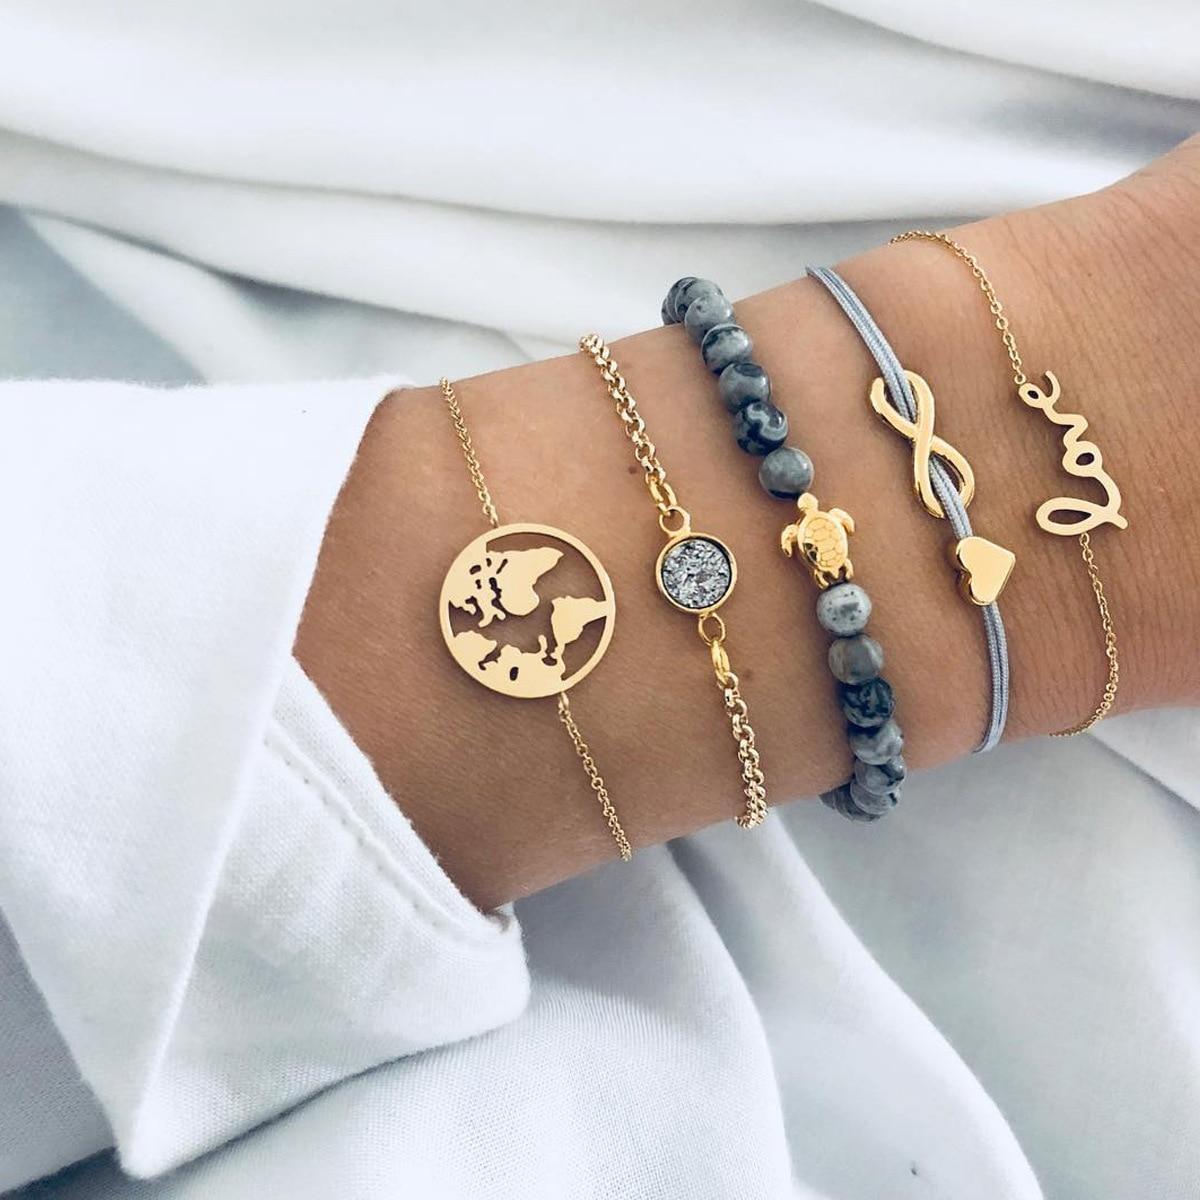 2019 neue Gold Runde Form Karte Perlen frauen Armband Böhmischen Retro Oval Stein Armband Party Geschenk Kette Armreifen für frauen